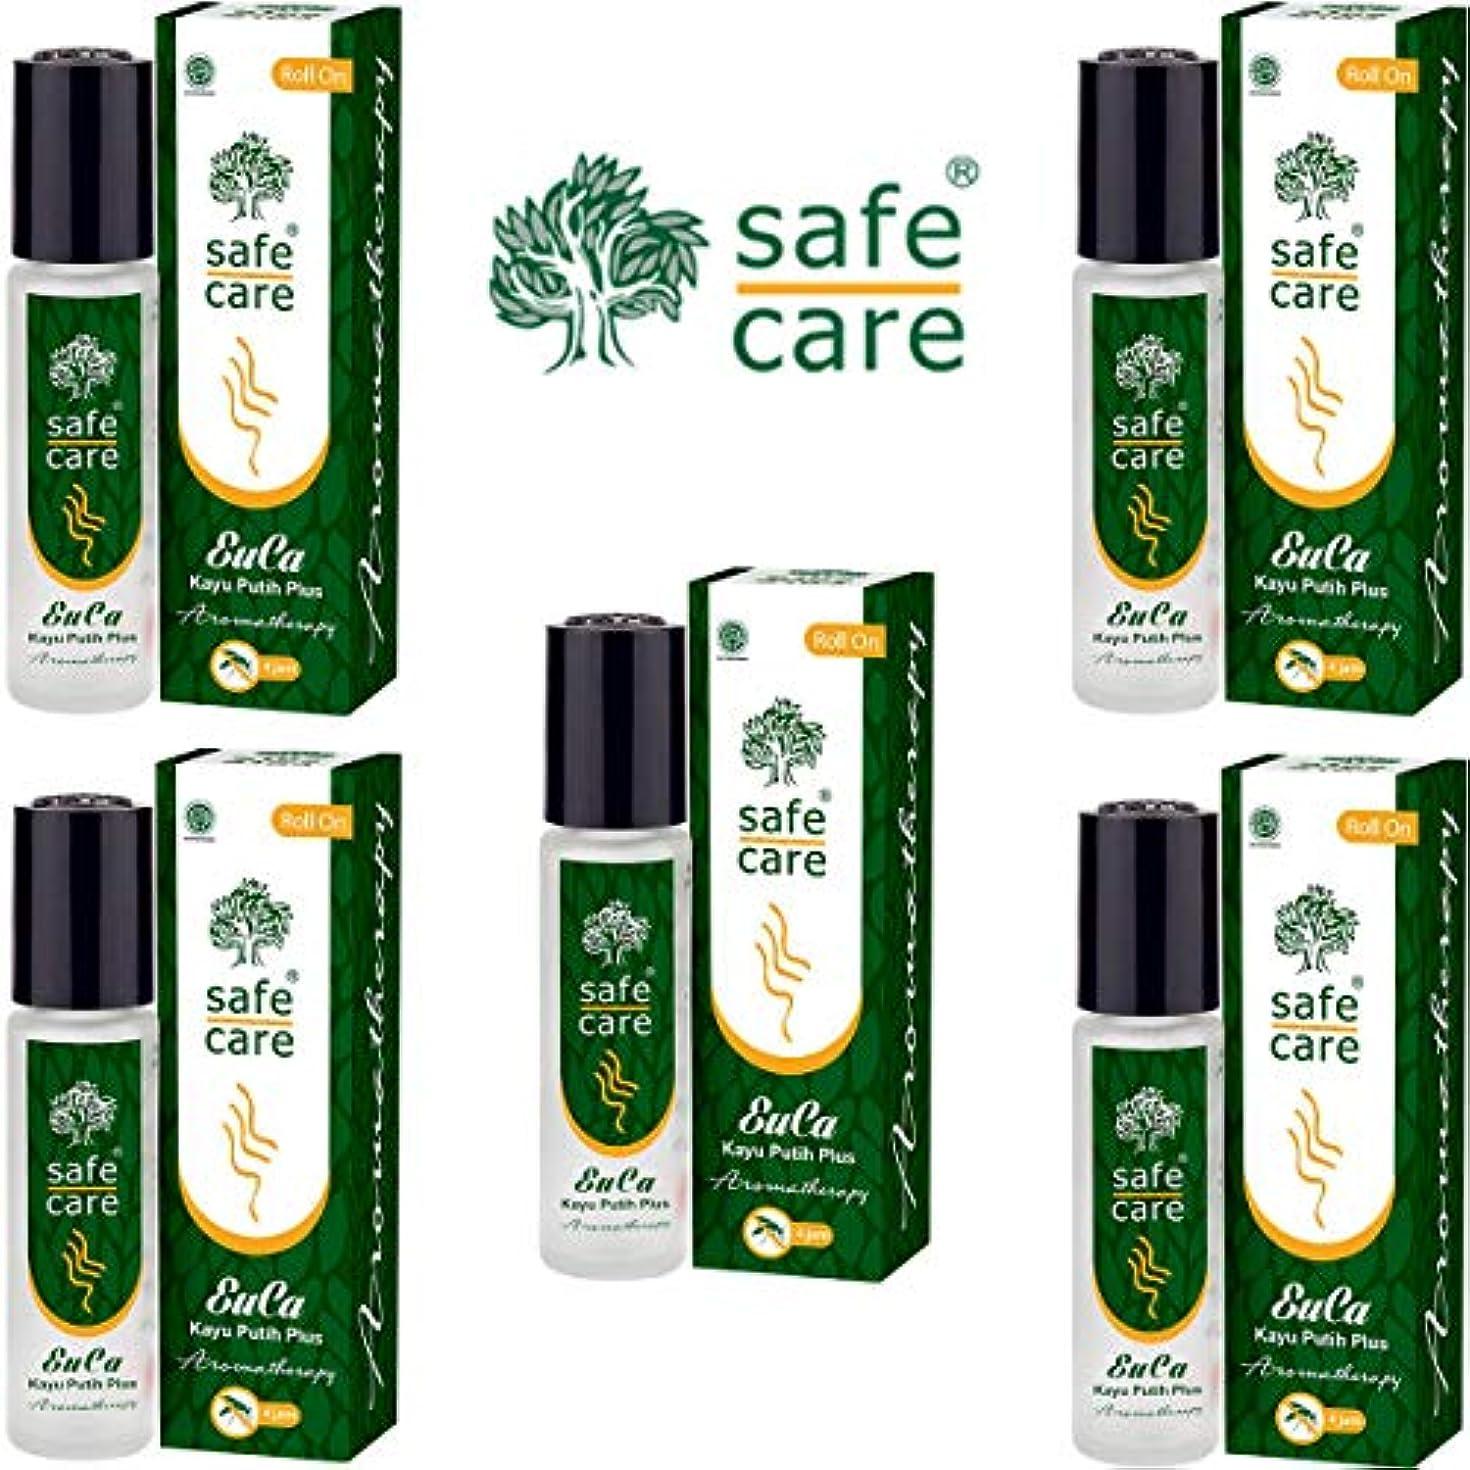 死パワーセル傾向Safe Care セーフケア Aromatherapy Kayu Putih Plus アロマテラピー リフレッシュオイル カユプティプラス ロールオン 10ml×5本セット [海外直送品]